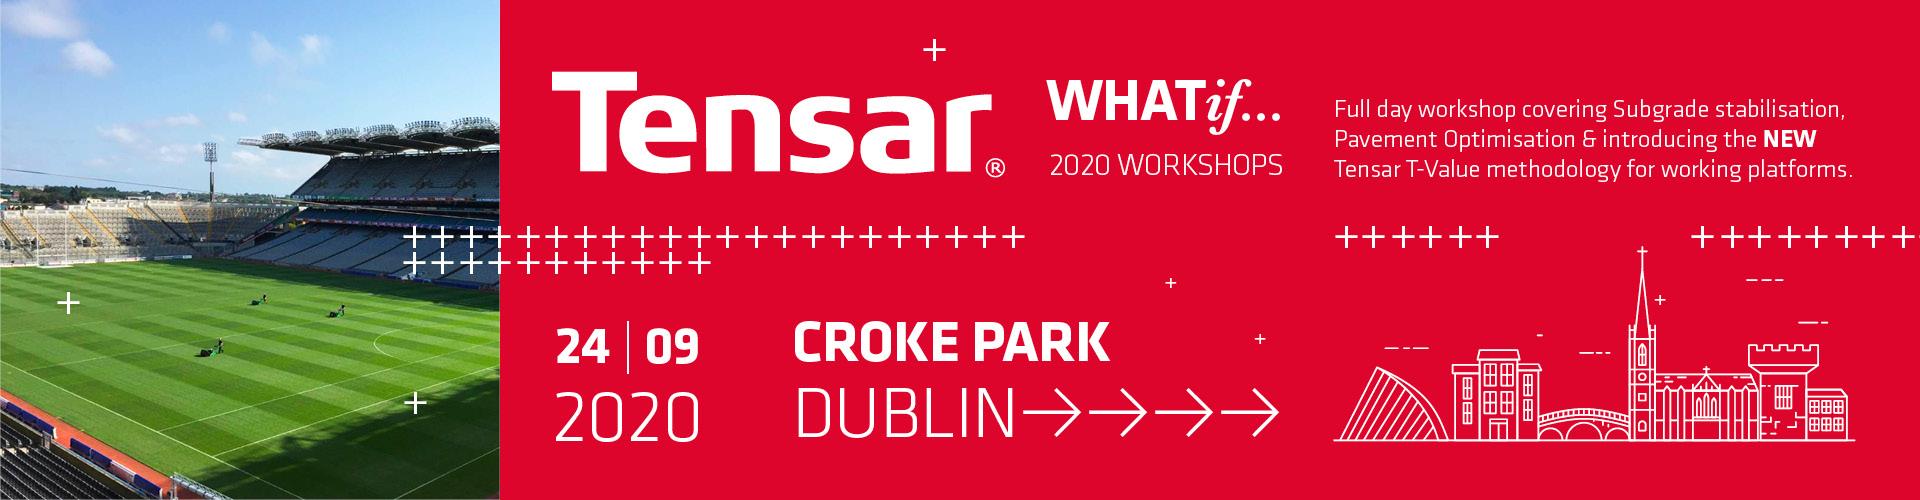 Dublin 2020 Header-2